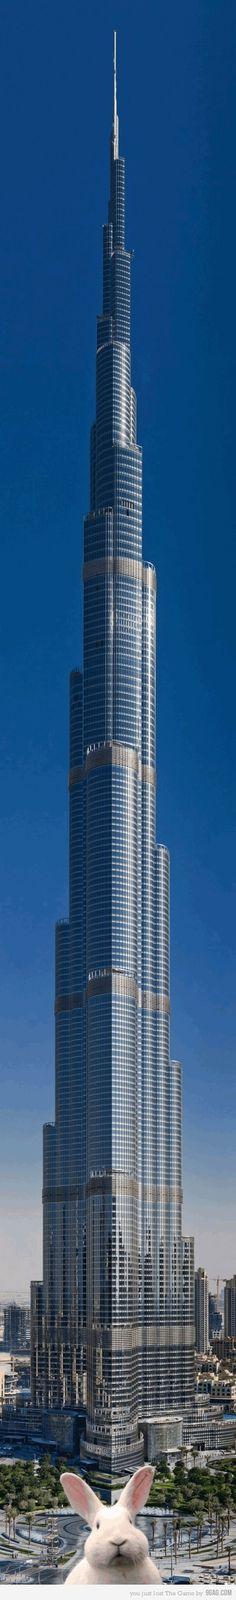 Burj Dubai.